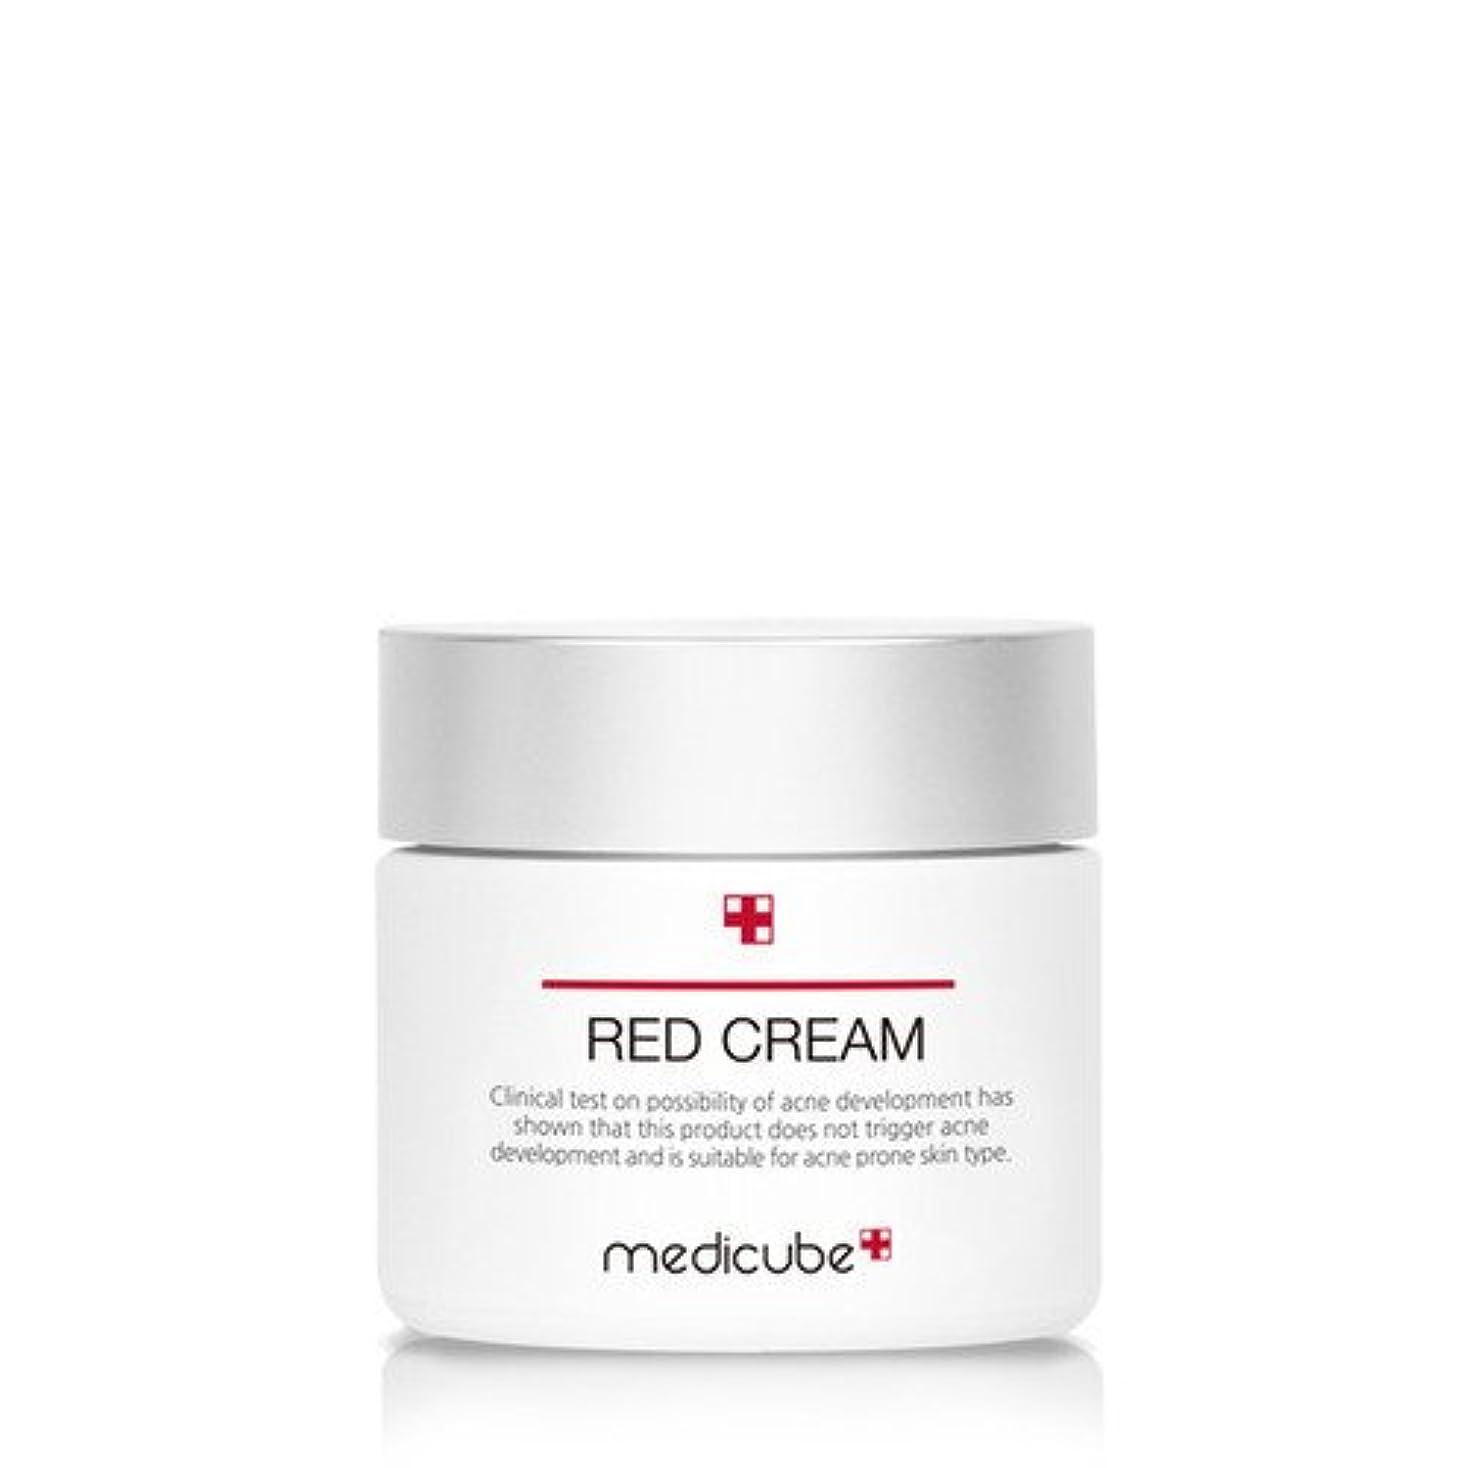 ふざけたリアル音[Medicube]メディキューブ レッドクリーム 50ml / Medicube Red Cream 50ml / 正品?海外直送商品 [並行輸入品]